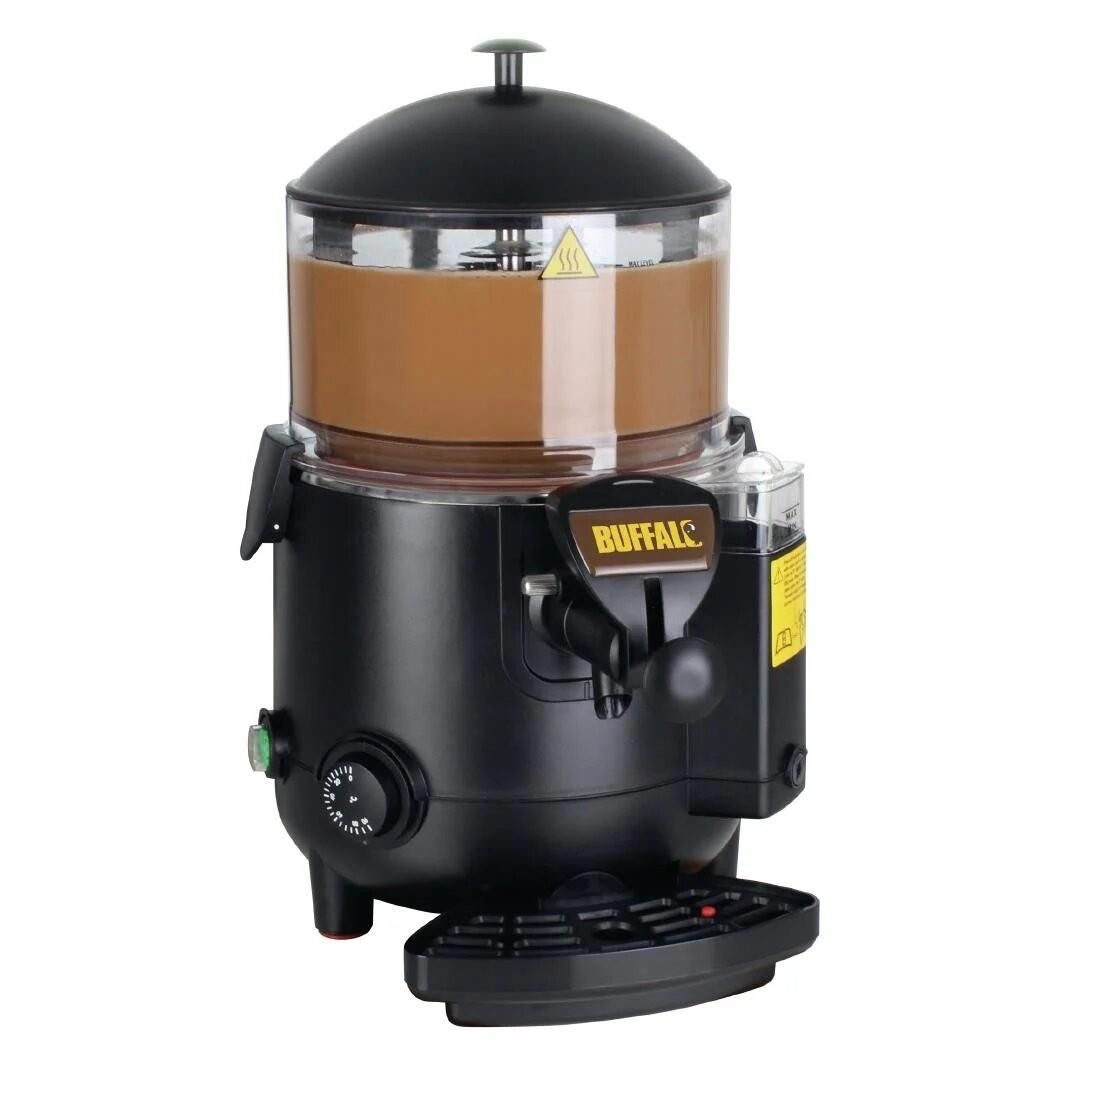 Buffalo CN219 Five Litre Hot Chocolate Dispenser